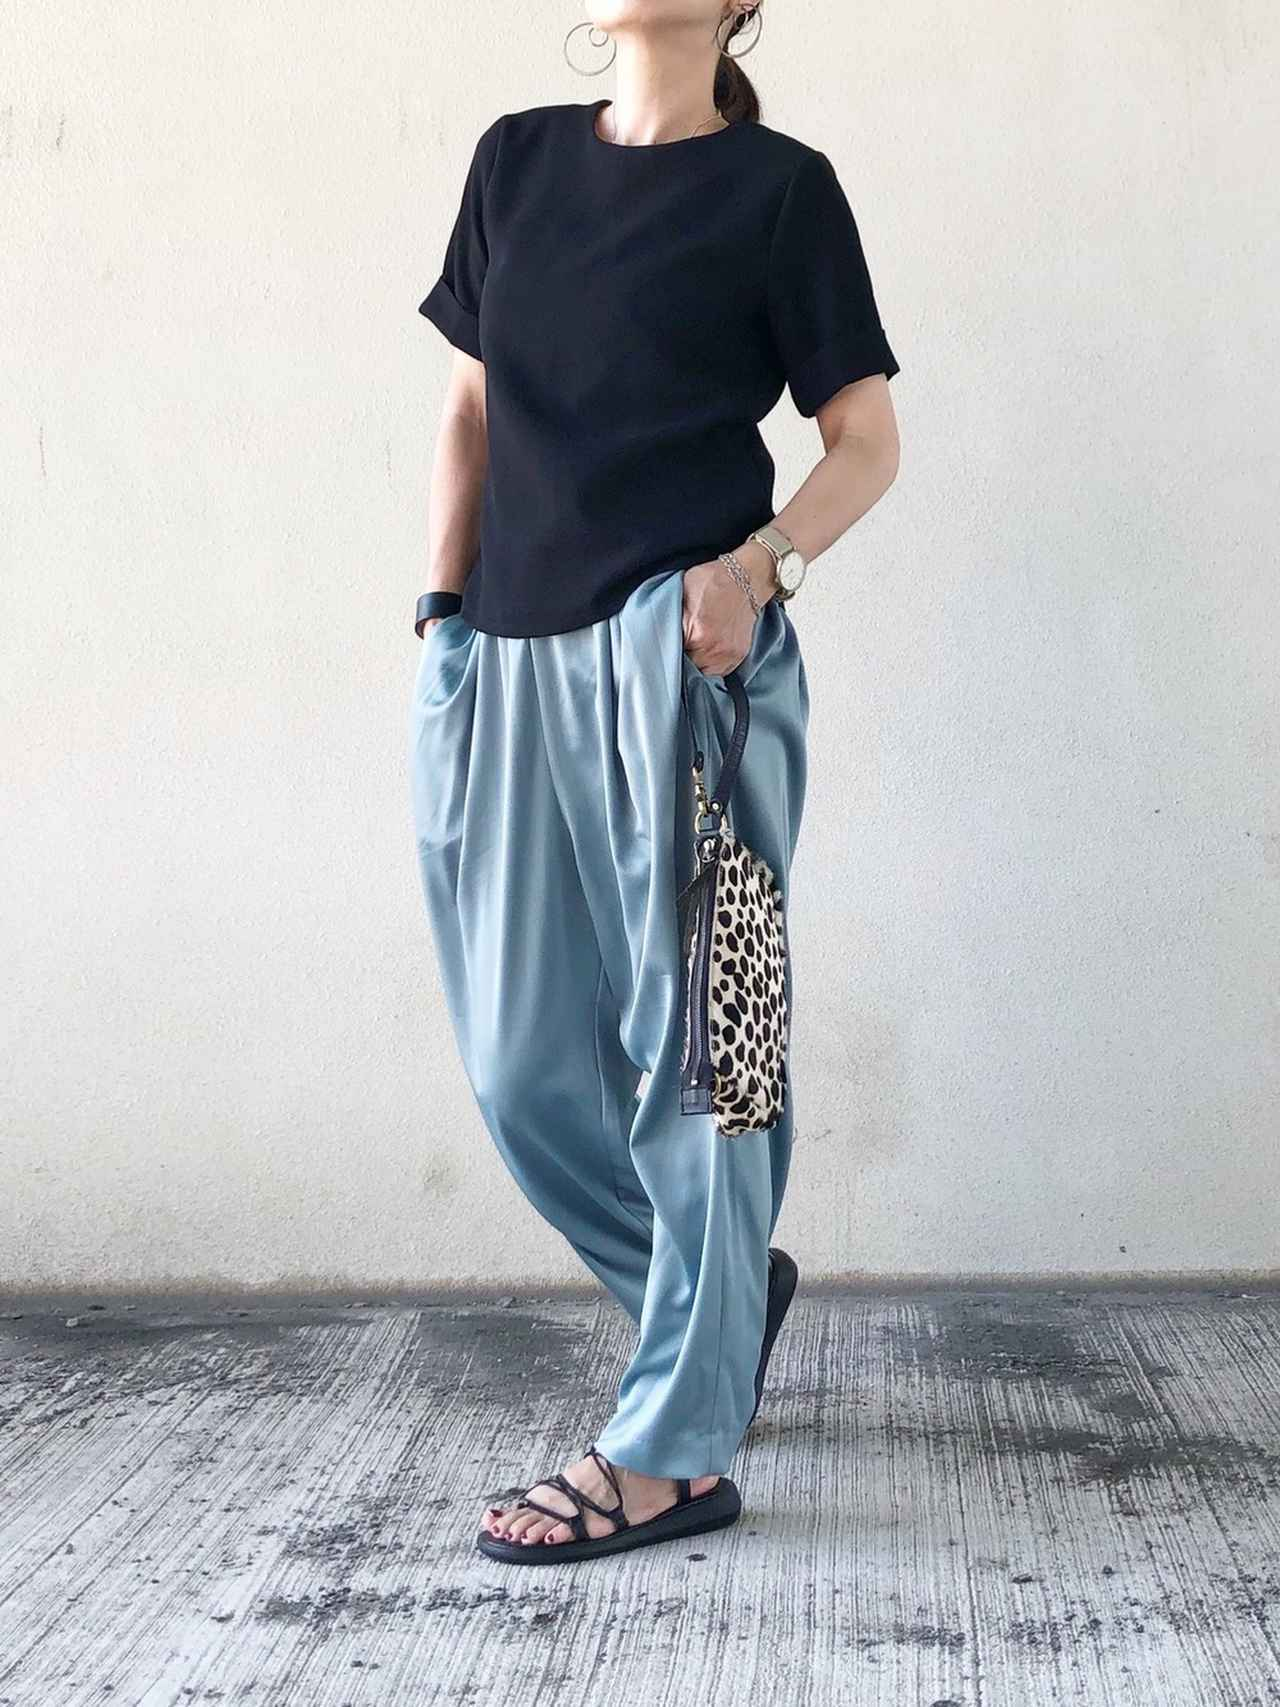 画像: 【DHOLIC】Tシャツ 平均価格2,000〜5,000円【niko and...】サテンイージータックタックパンツ 5,390円(税込)【minia】コードデザインの編み上げゴムスポーツサンダル 4,290円(税込)